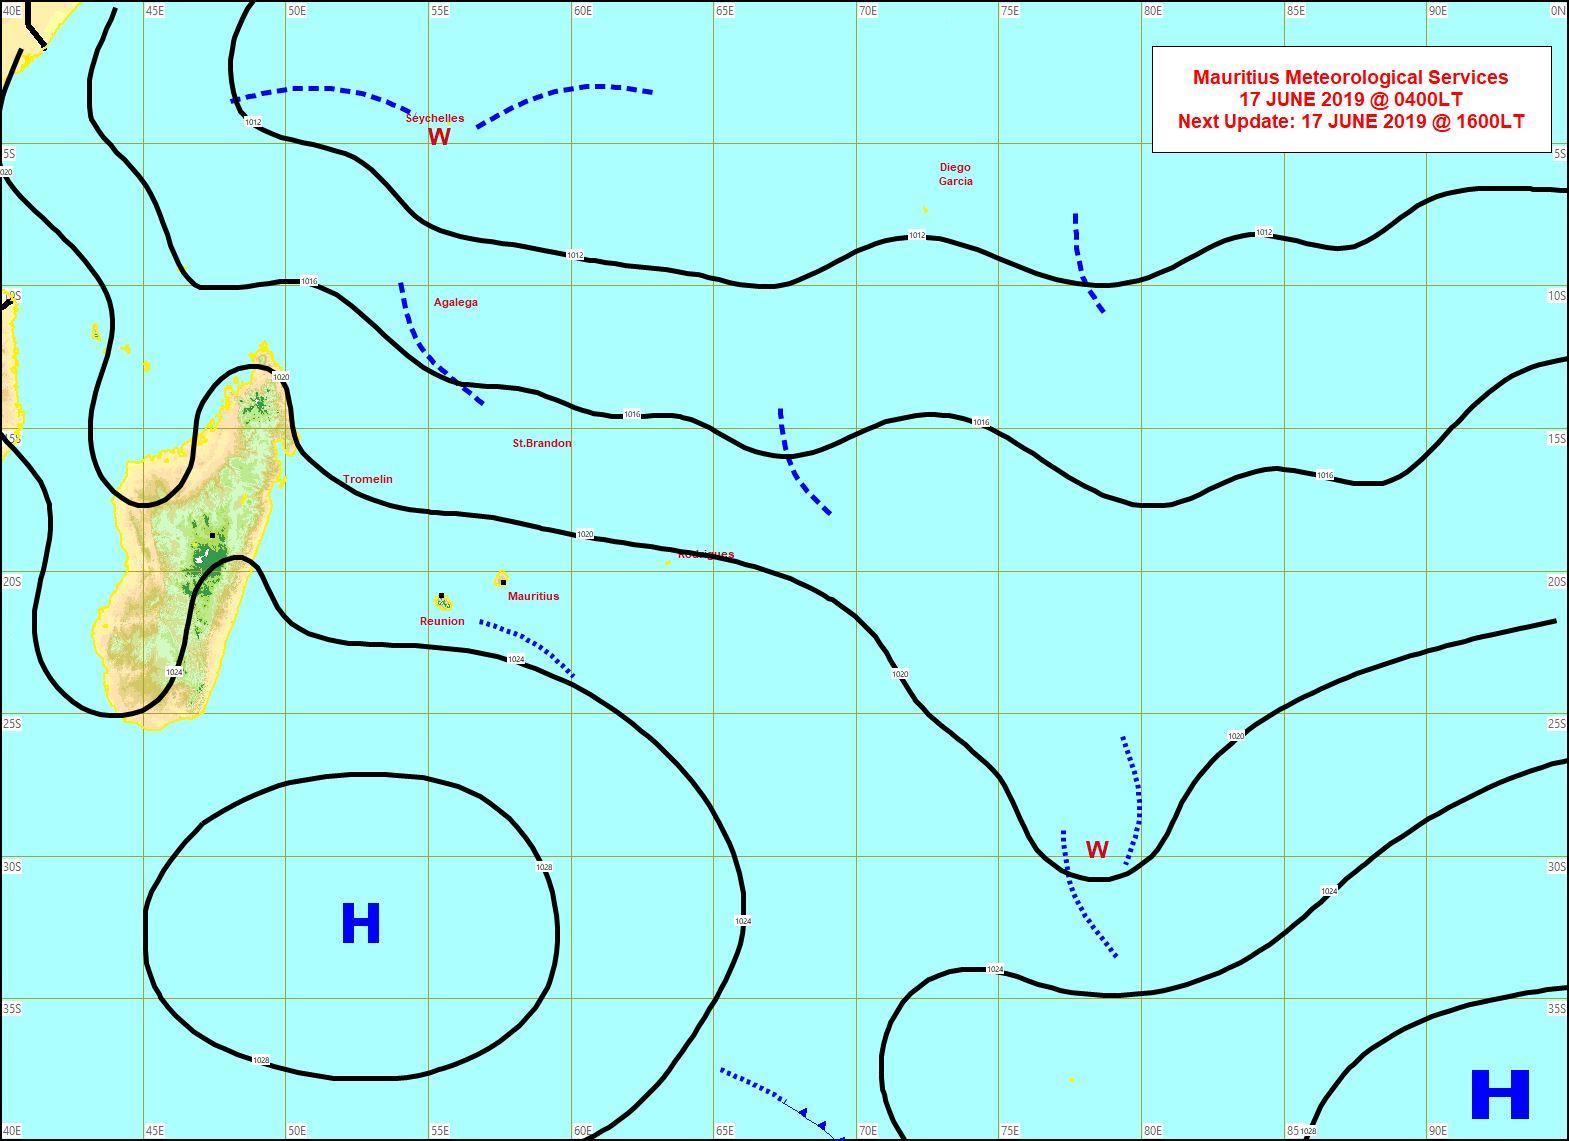 Analyse de la situation de surface ce matin à 04heures. Un anticyclone modéré 1028hpa se trouve au sud des Iles Soeurs. Des nuages sont repris par le flux de Sud-Est et se trouvent au Sud des Iles Soeurs. MMS